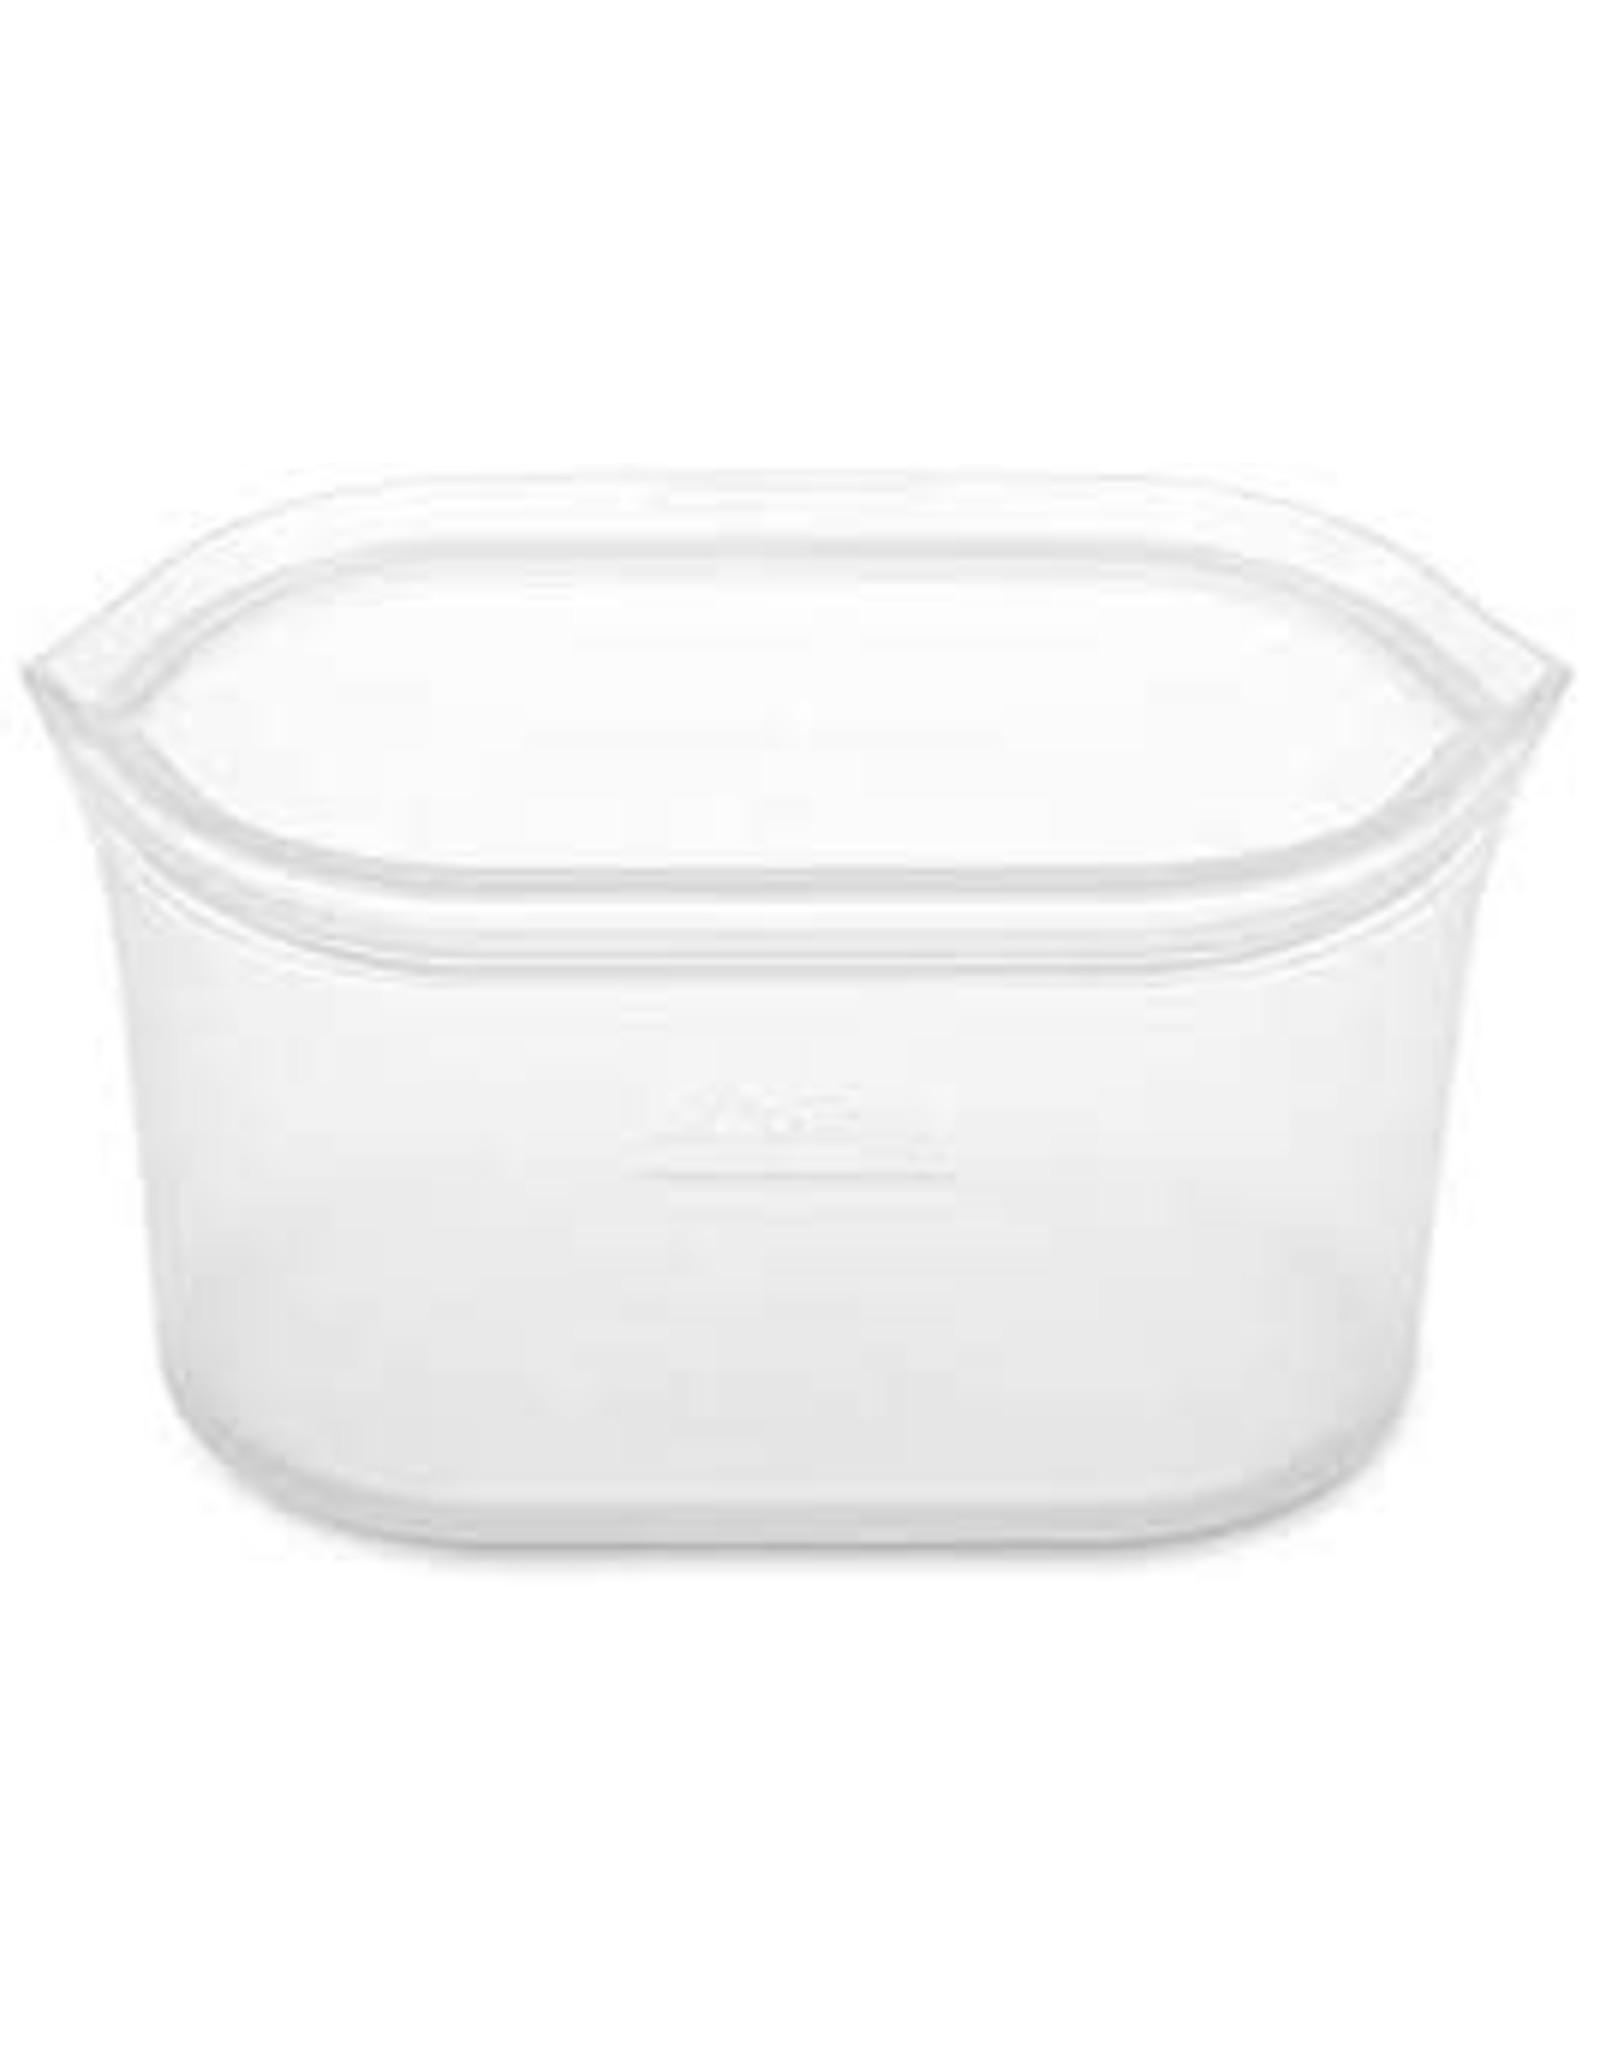 Ziptop Zip Top - Large Dish - Frost